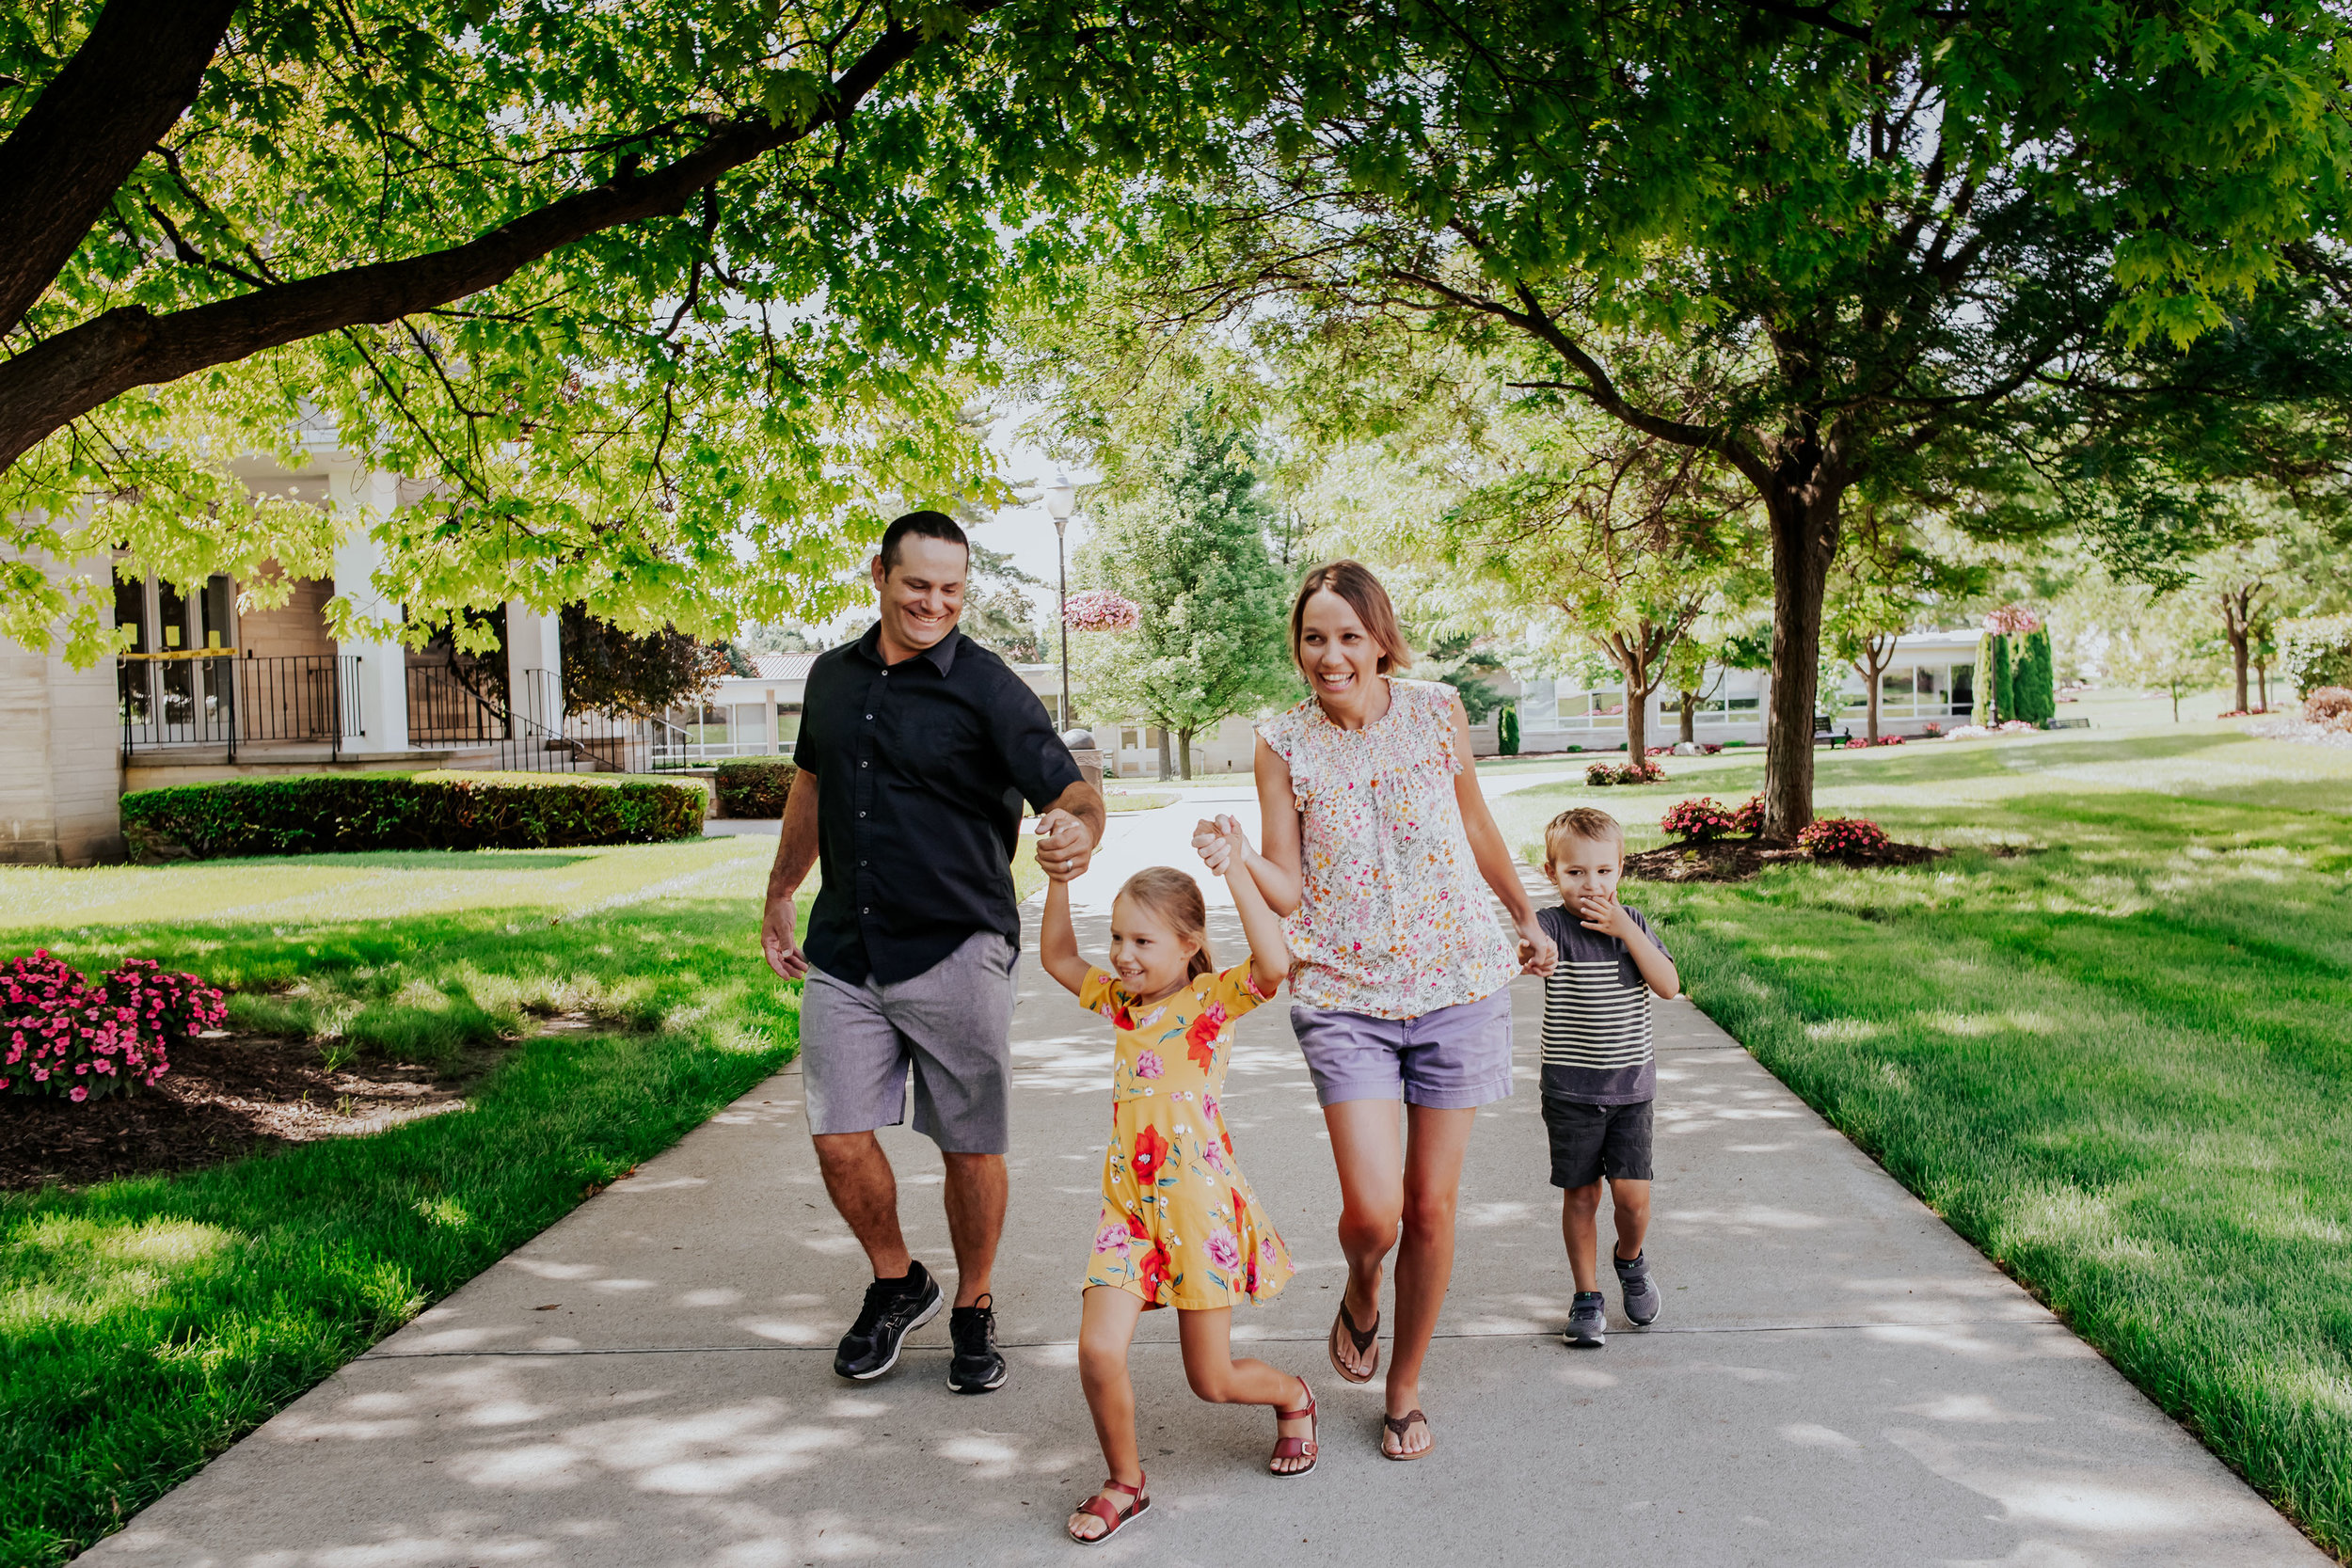 The Galvan Family - June 22, 2019